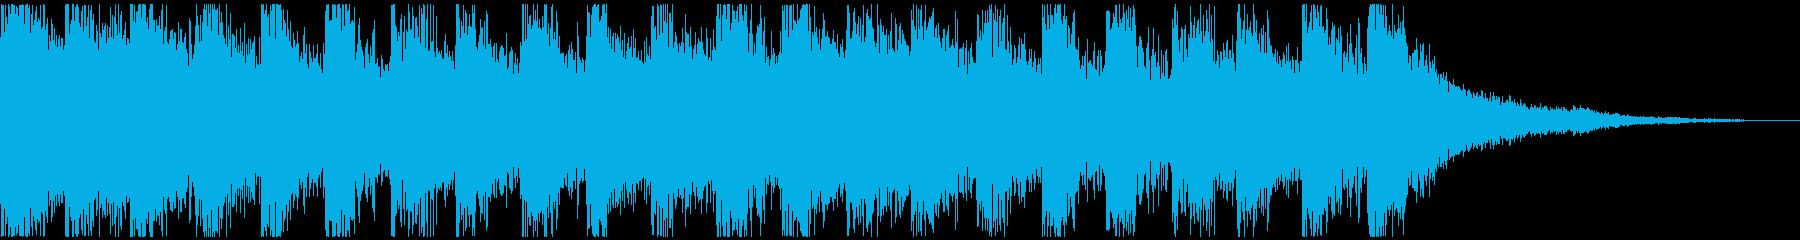 怪しくてメルヘンチックなジングルの再生済みの波形